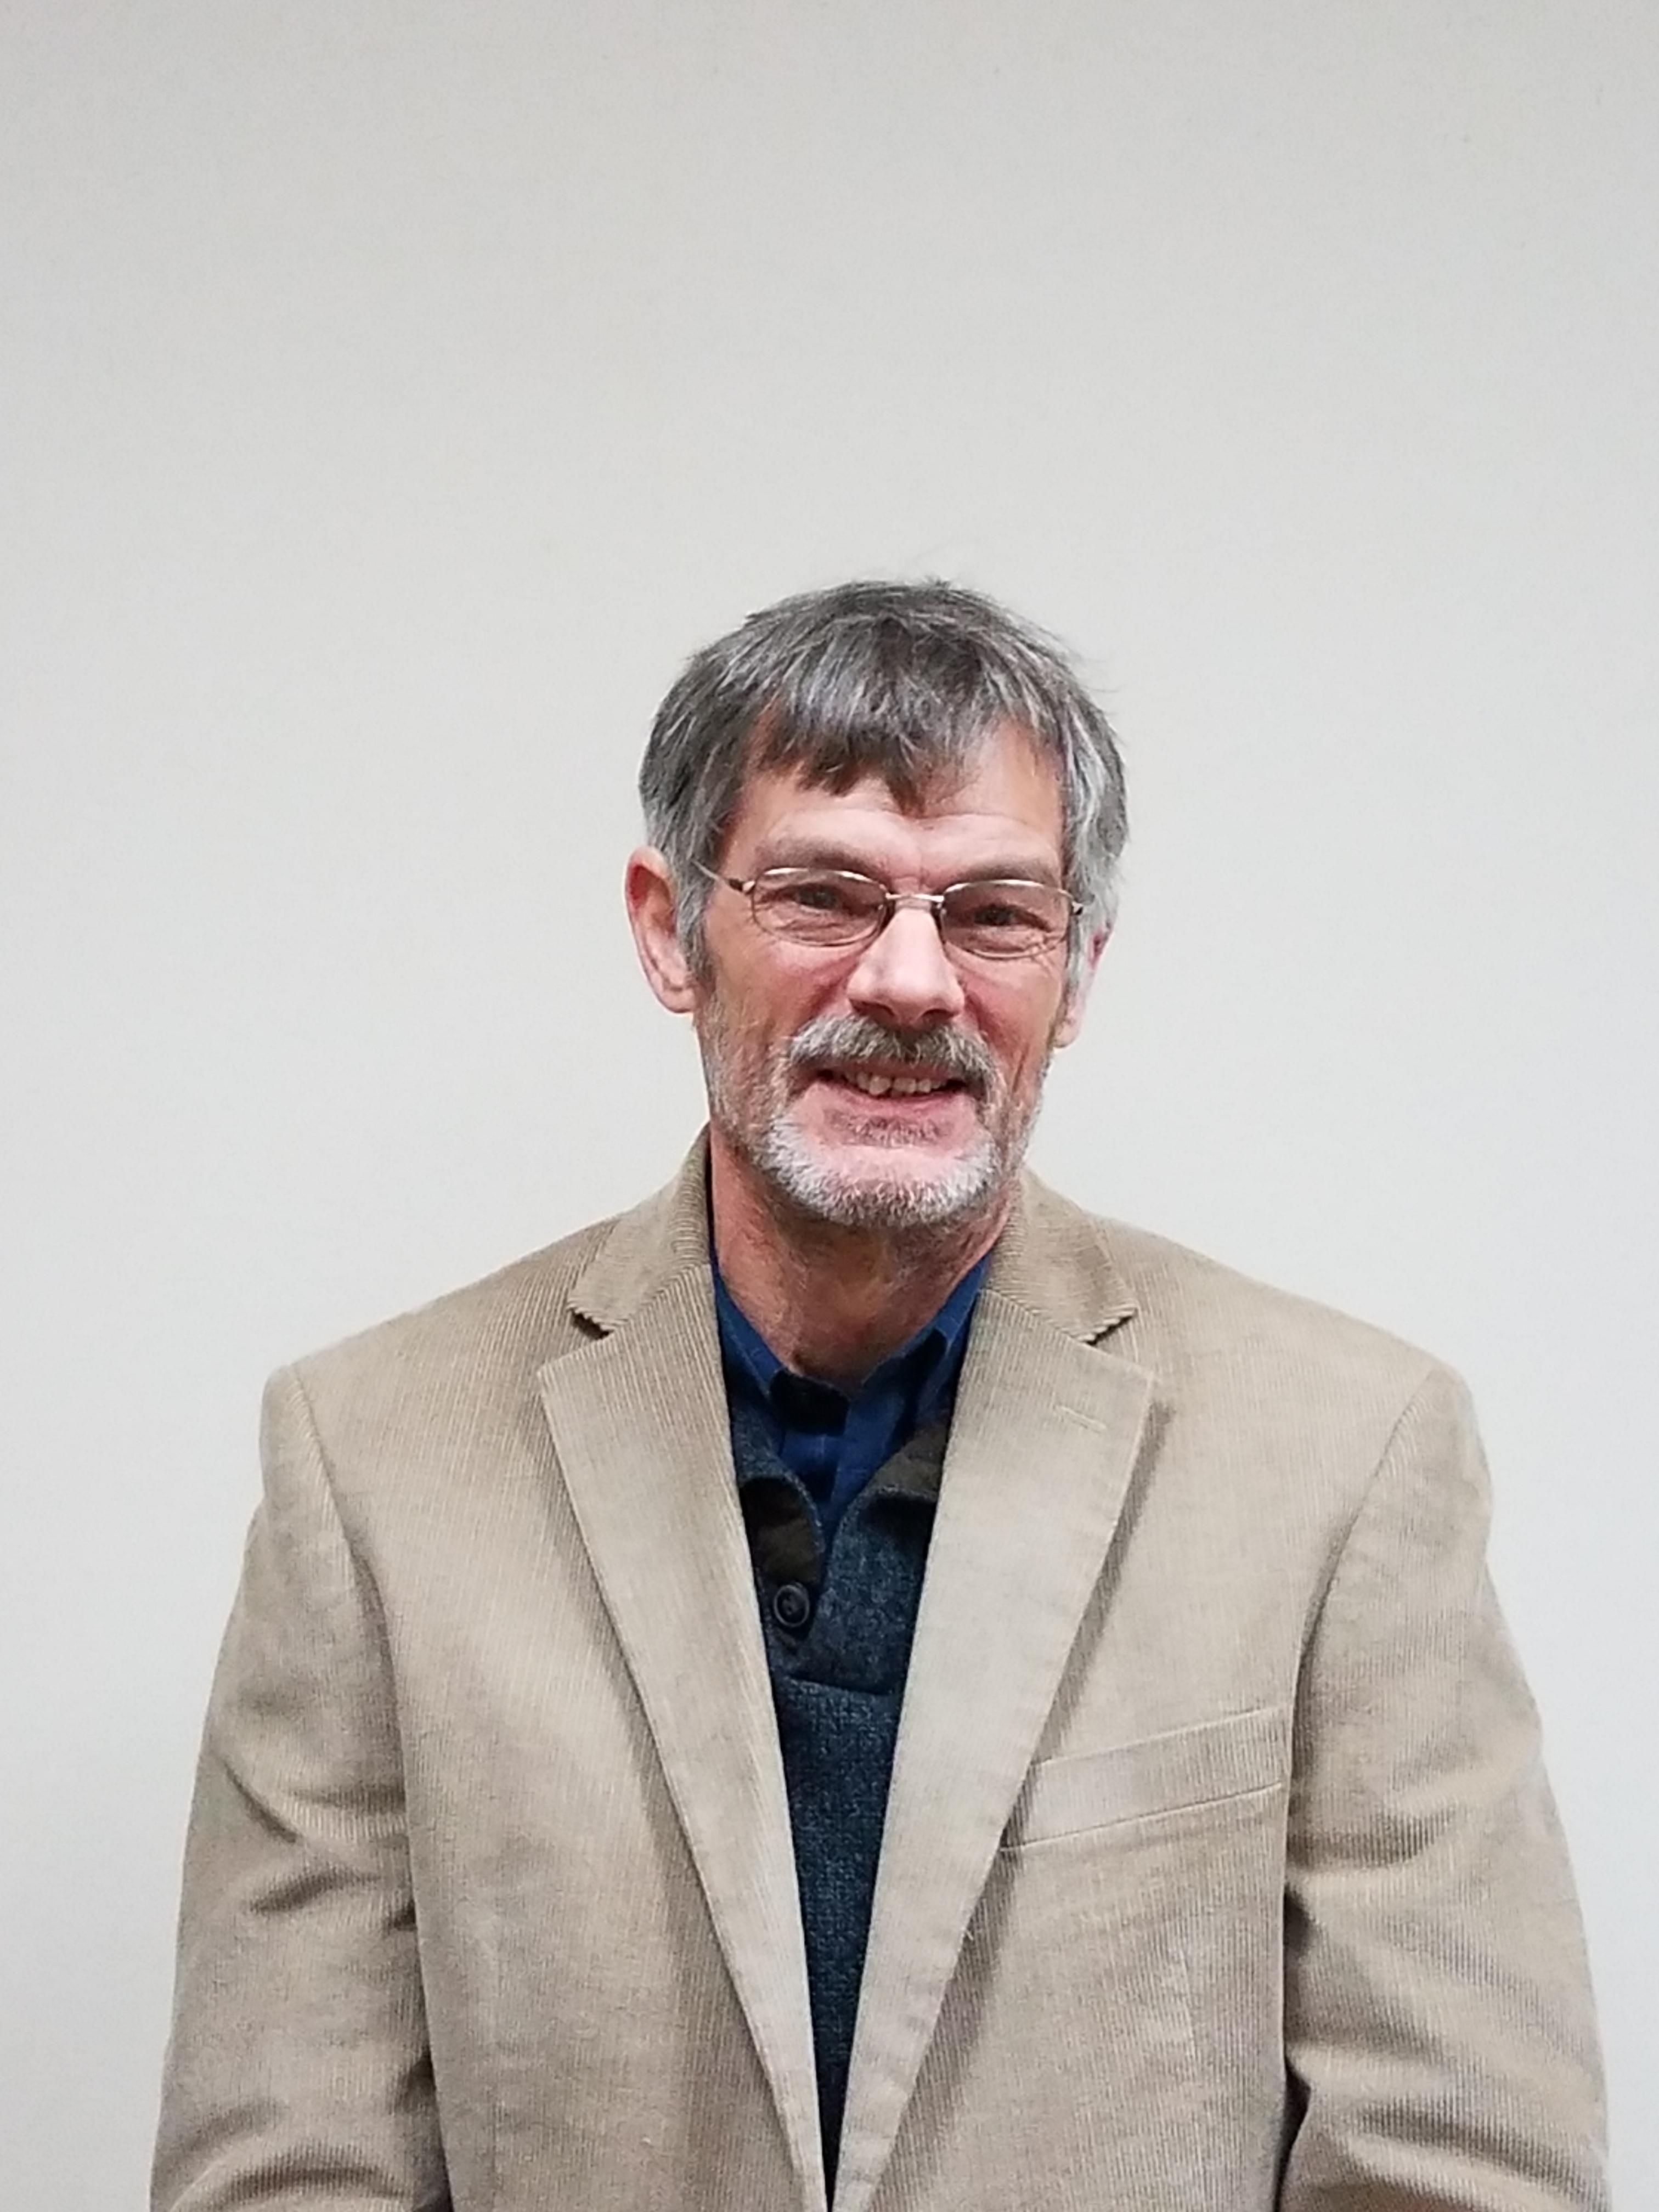 Karl Olsen